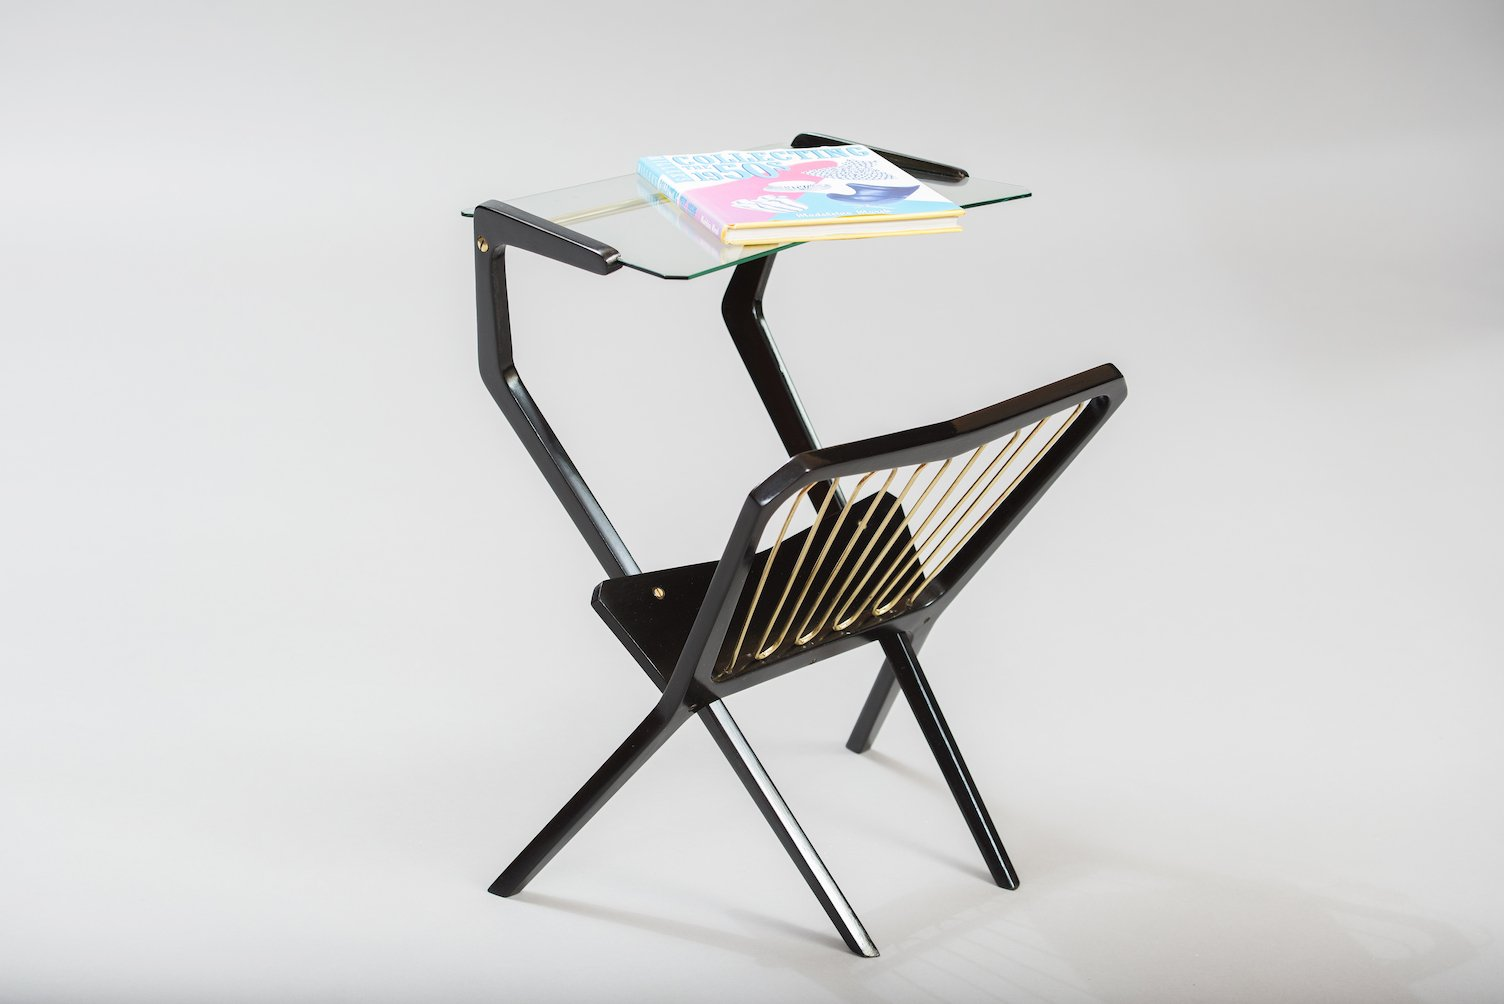 table d 39 appoint vintage avec porte revues italie en vente sur pamono. Black Bedroom Furniture Sets. Home Design Ideas